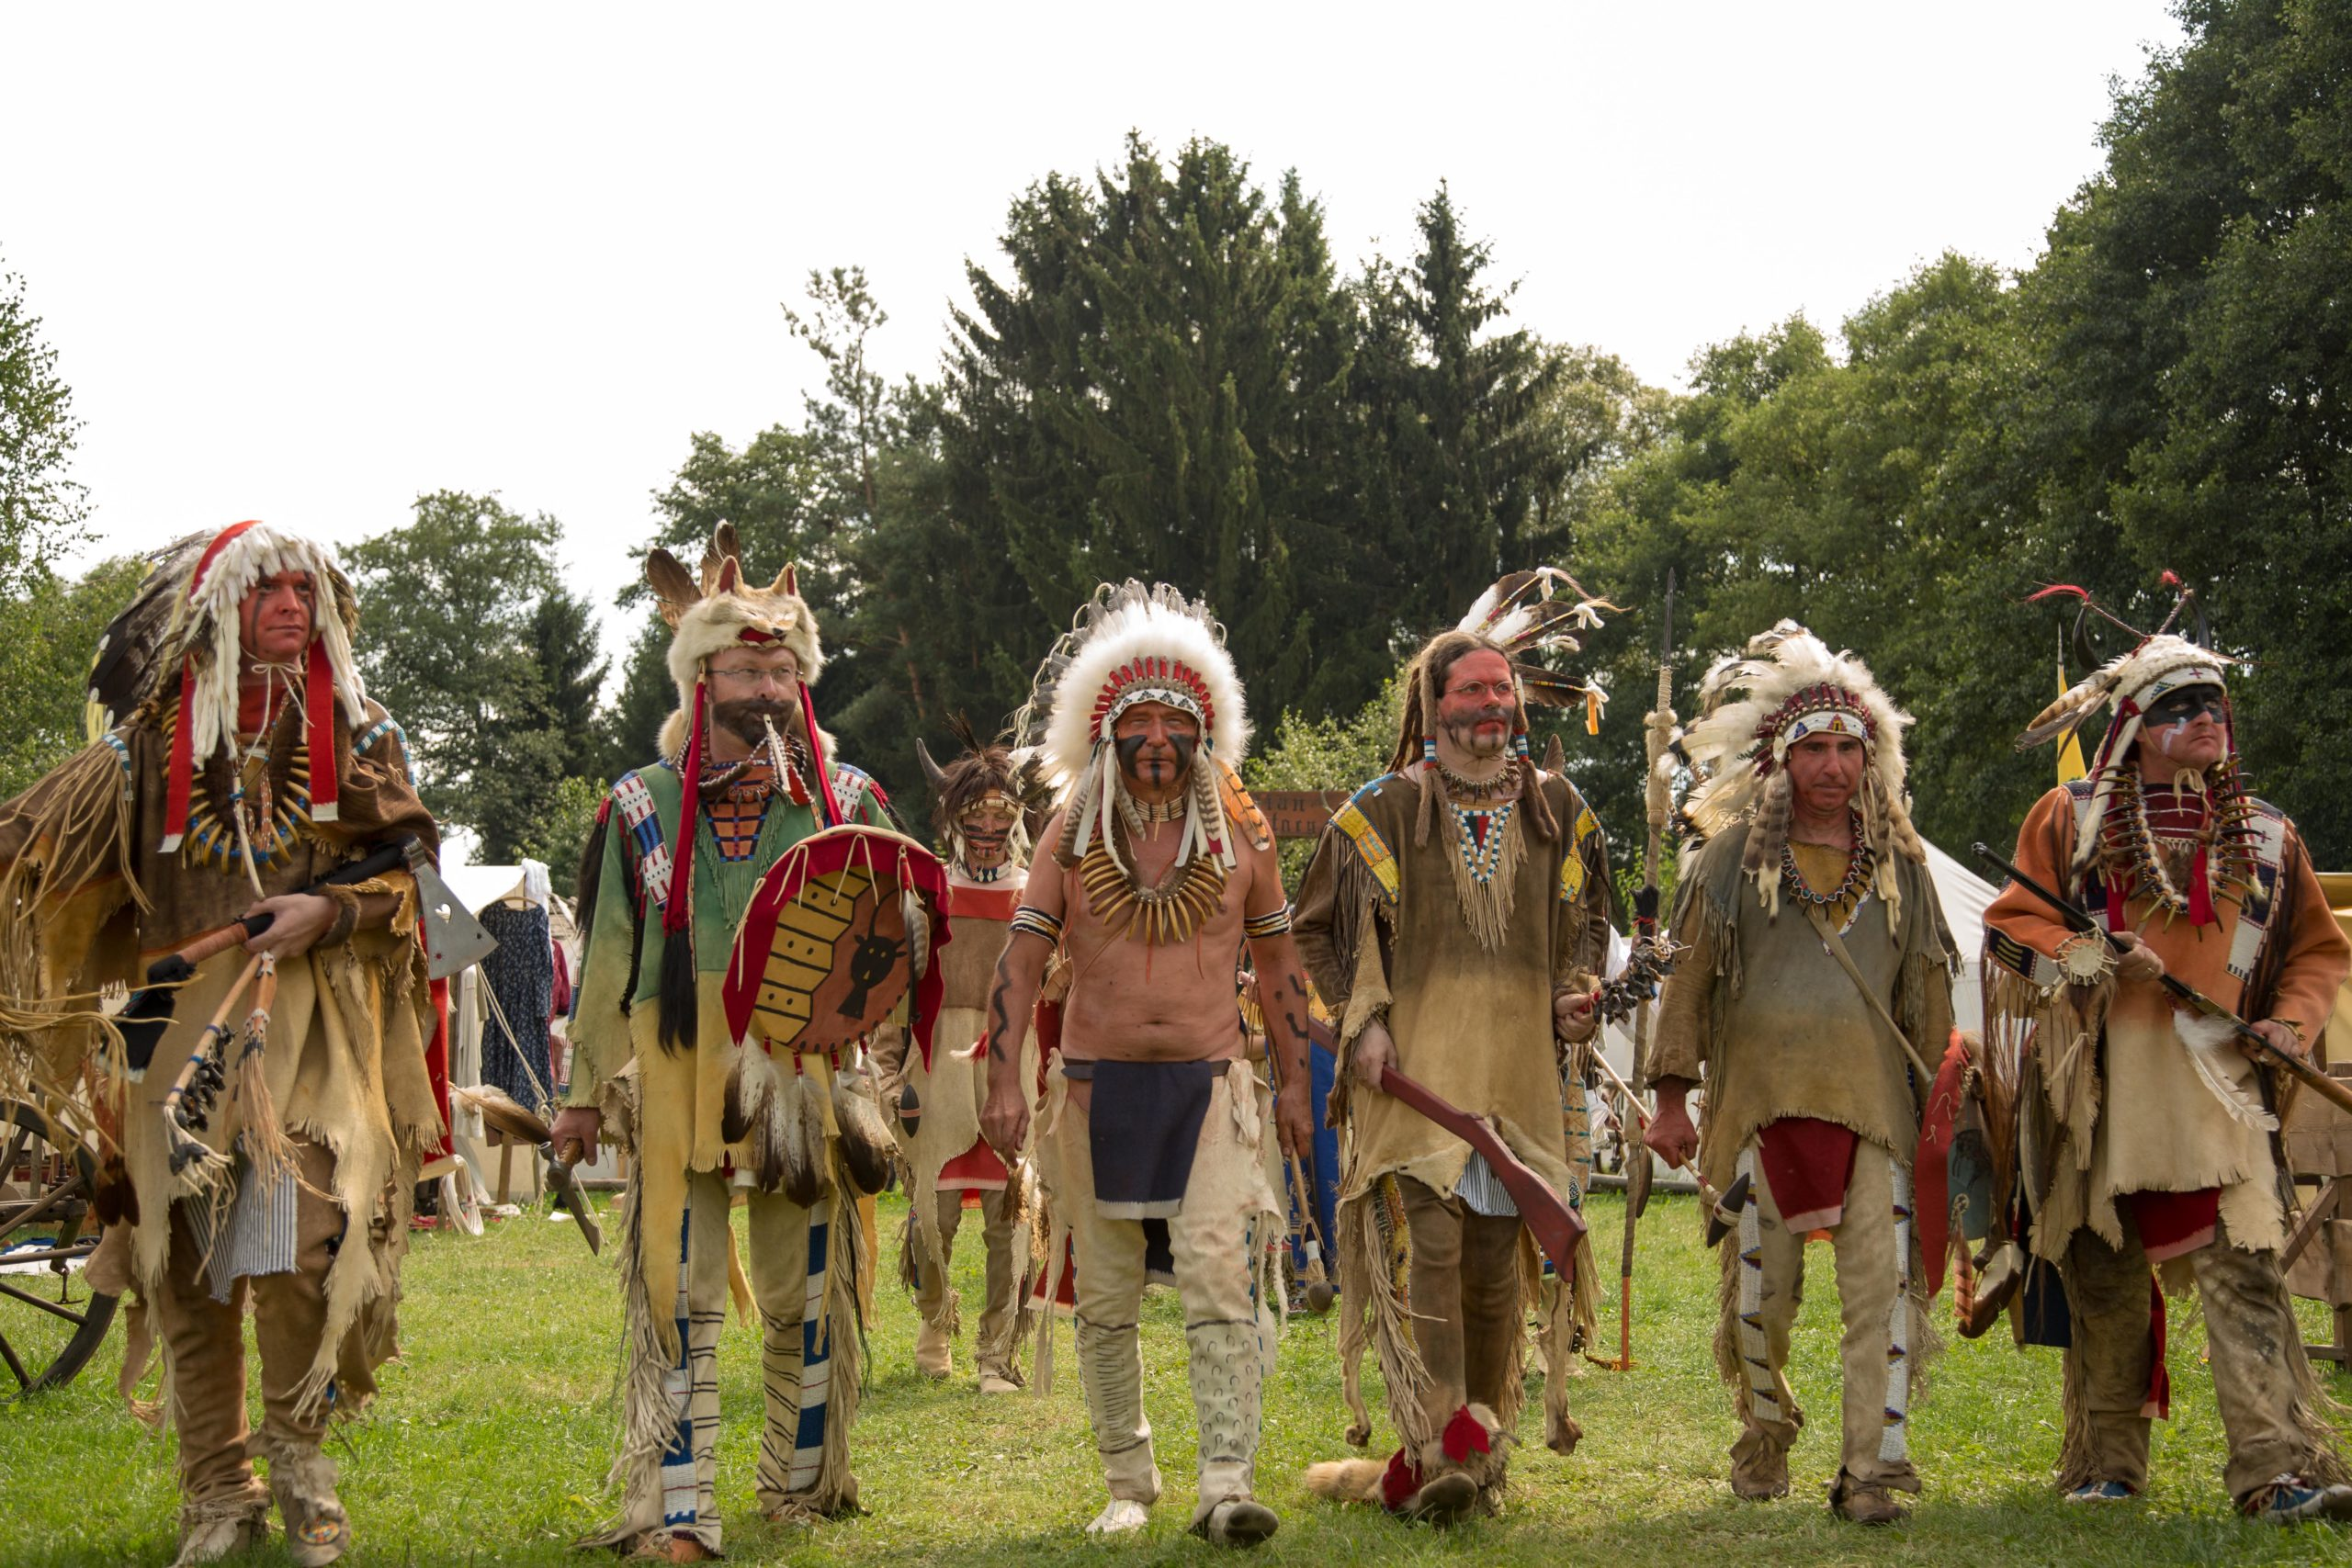 Mandan & Sioux Lakota